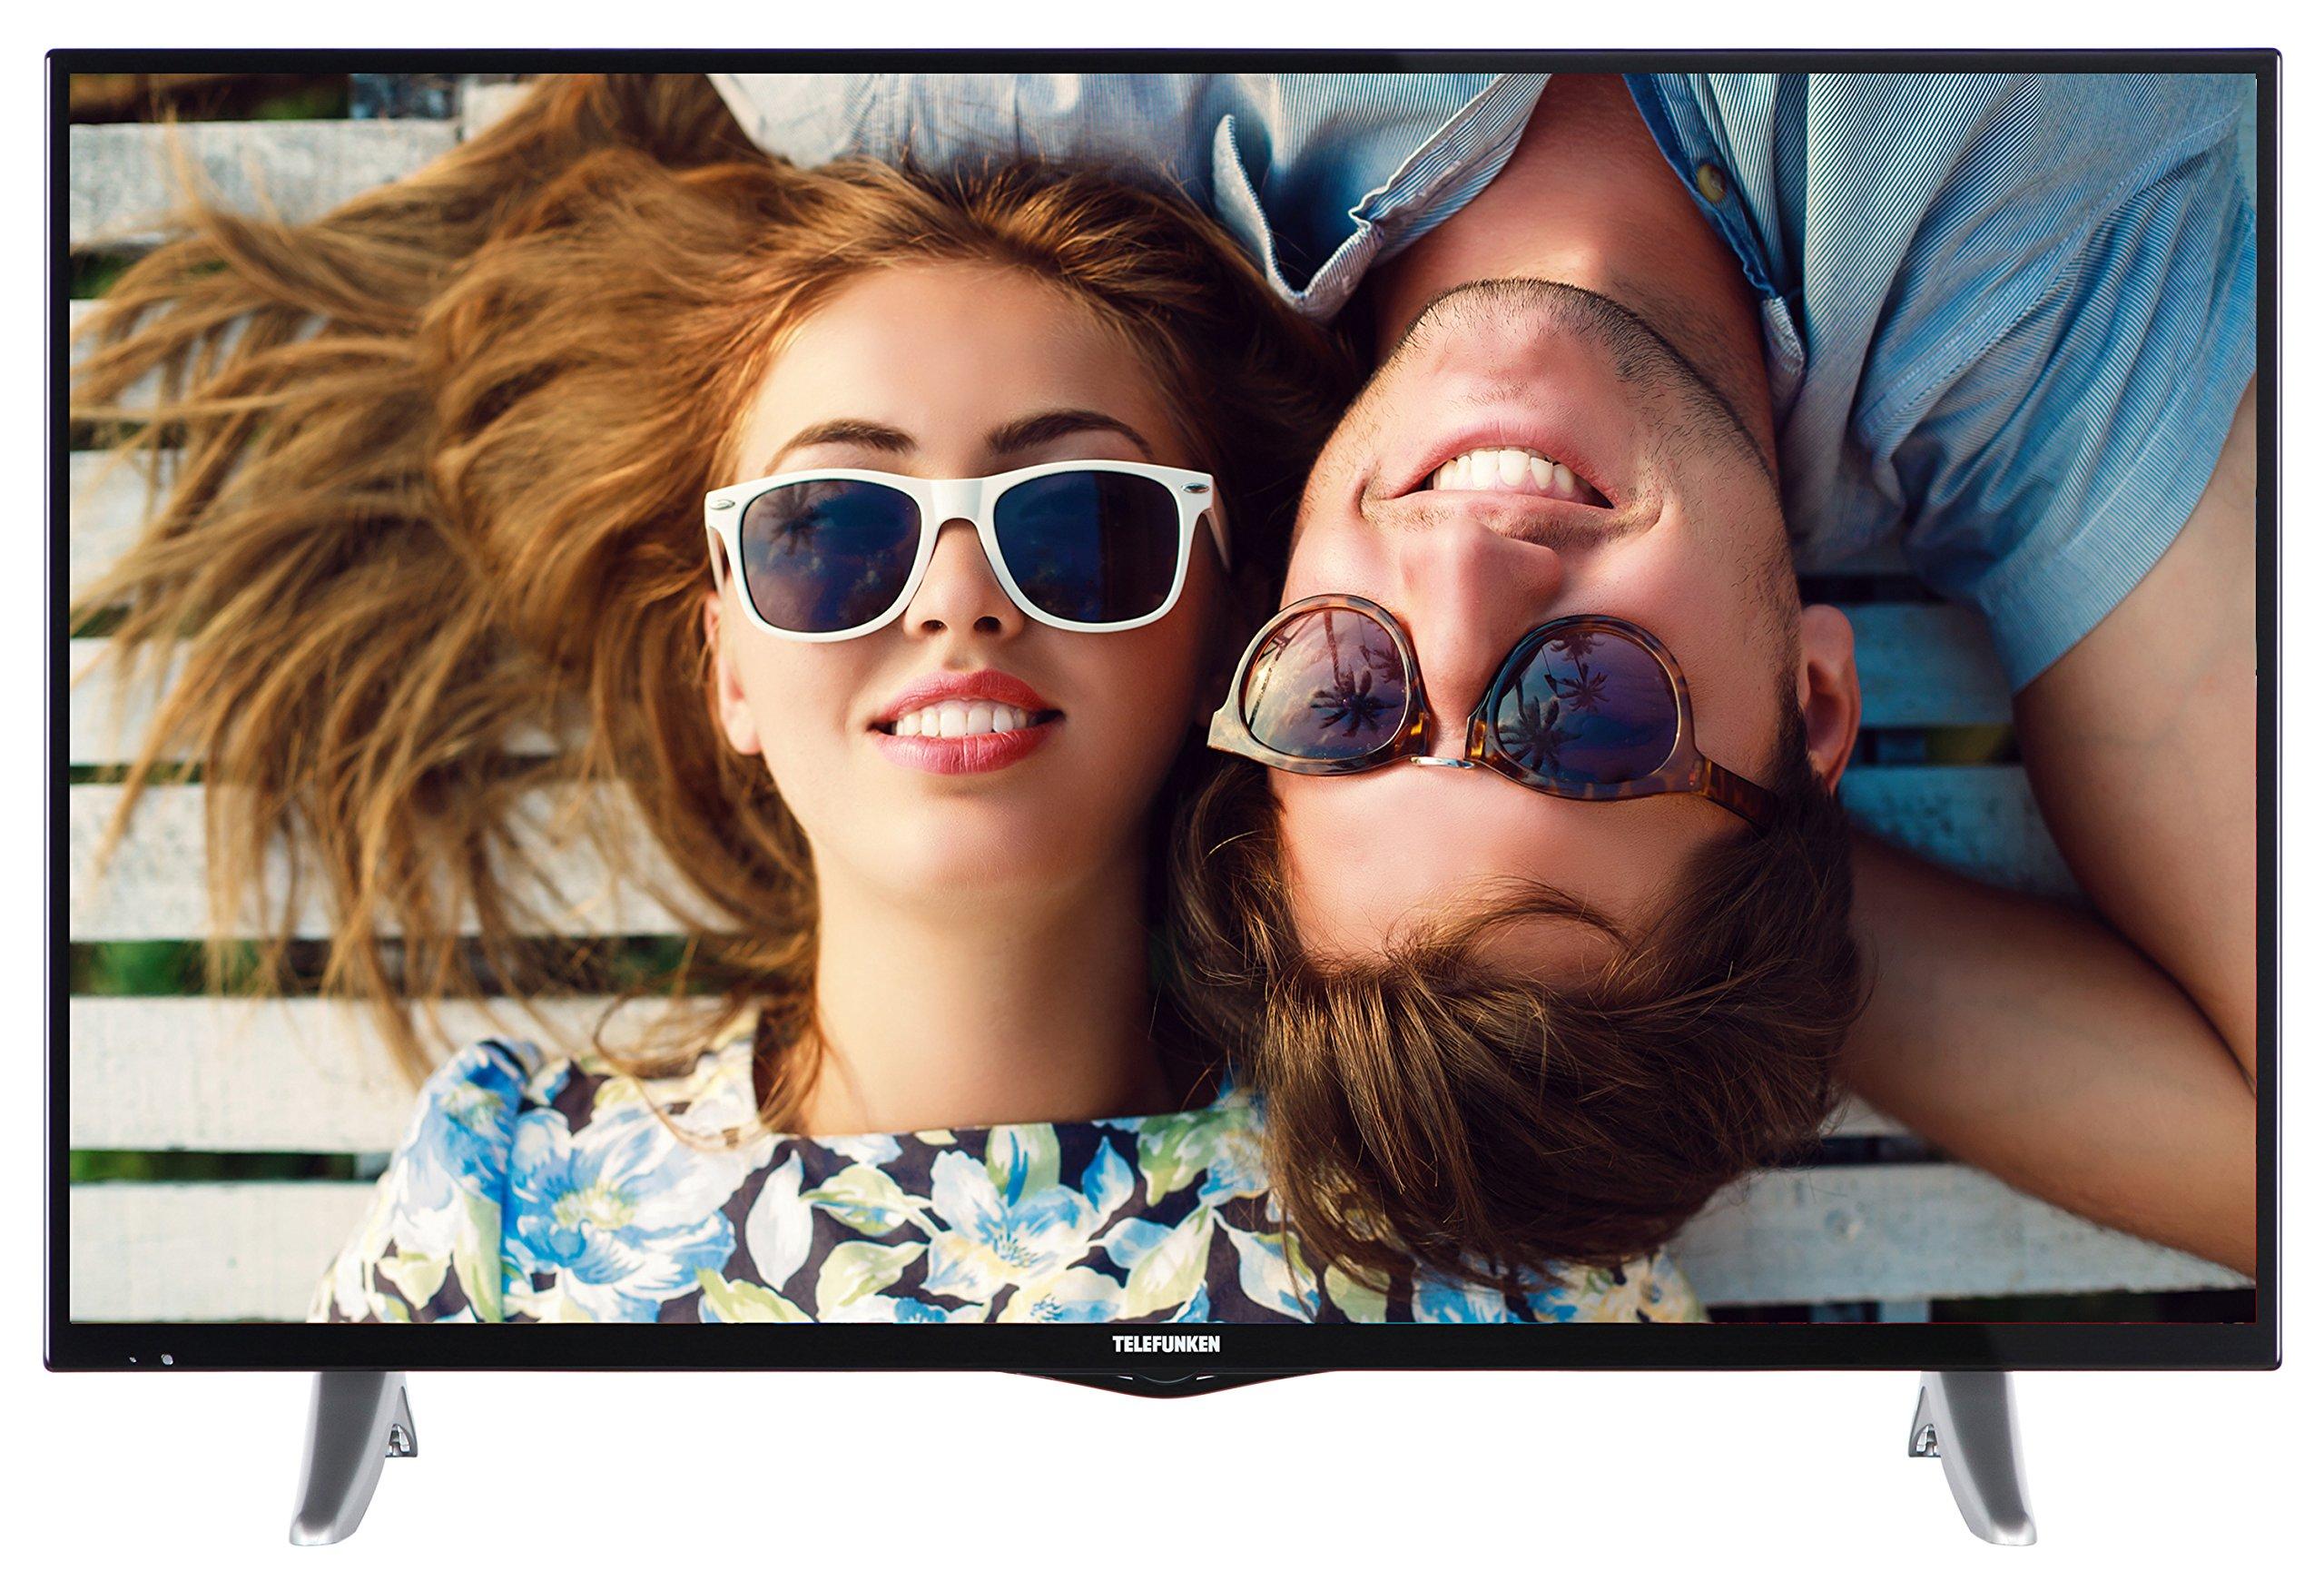 Telefunken televisor (Full HD, Smart TV, sintonizador Triple, DVB-T2 HD) [Clase energética A +]: Amazon.es: Electrónica